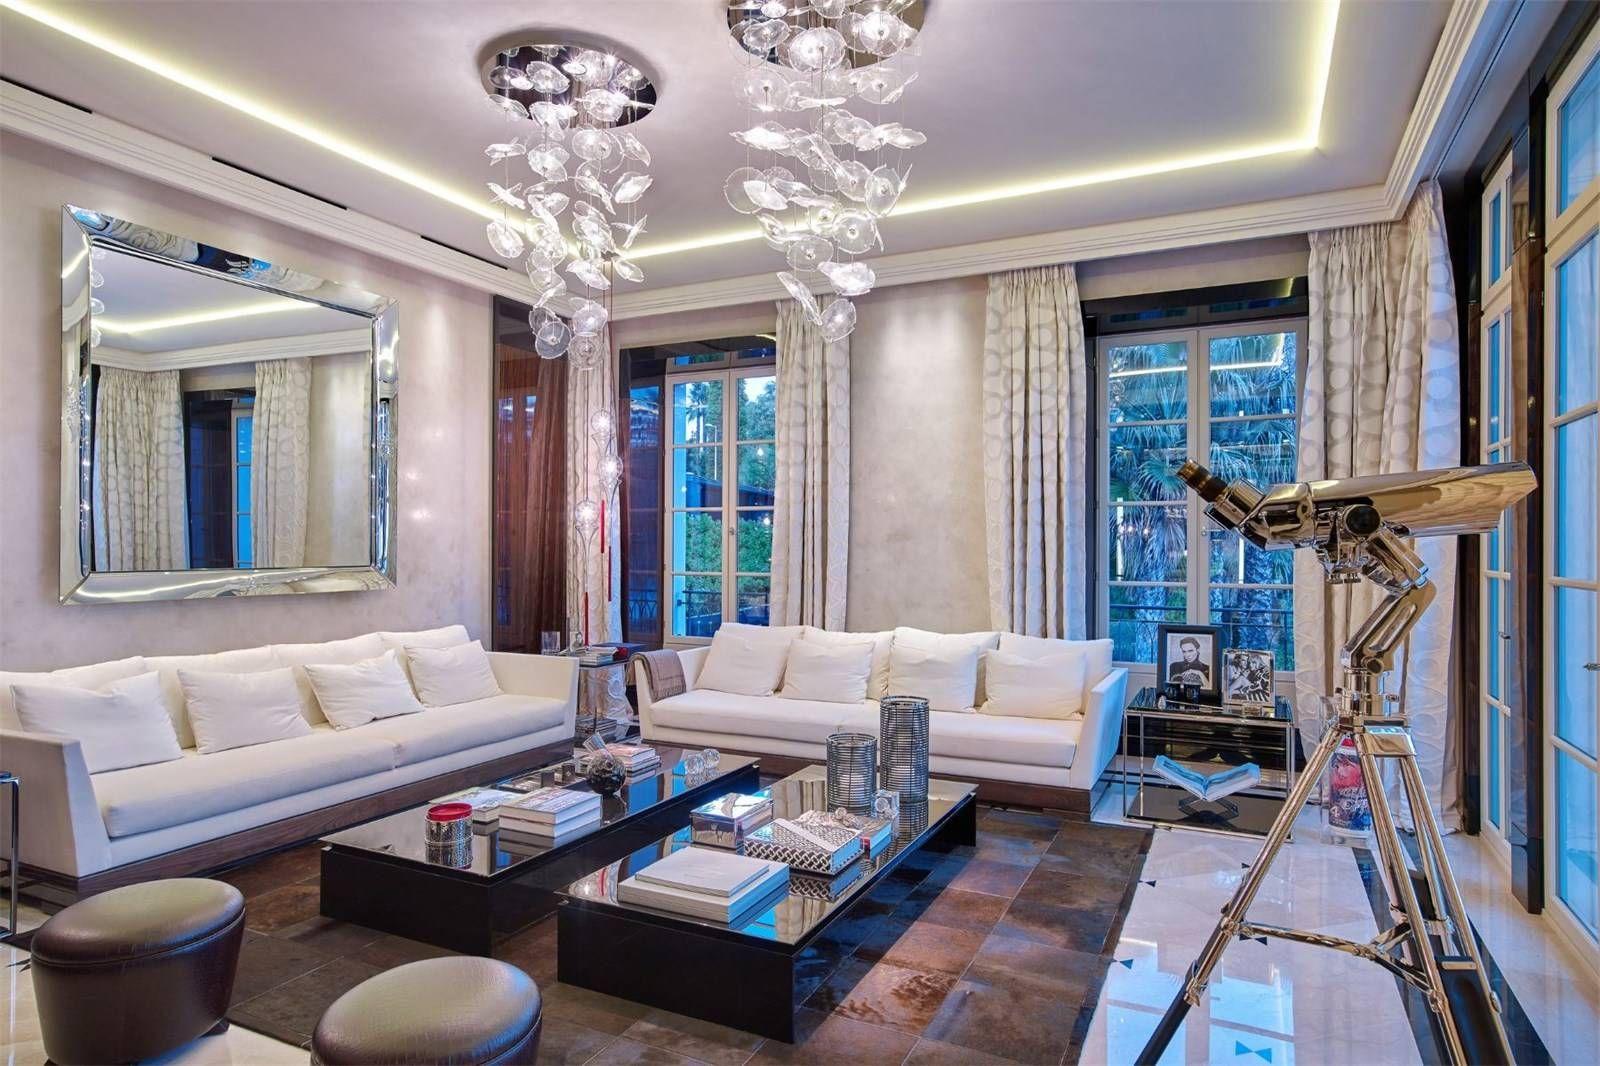 Cannes Cannes, Provence Alpes Cote Du0027Azur, France U2013 Luxury Home For Sale